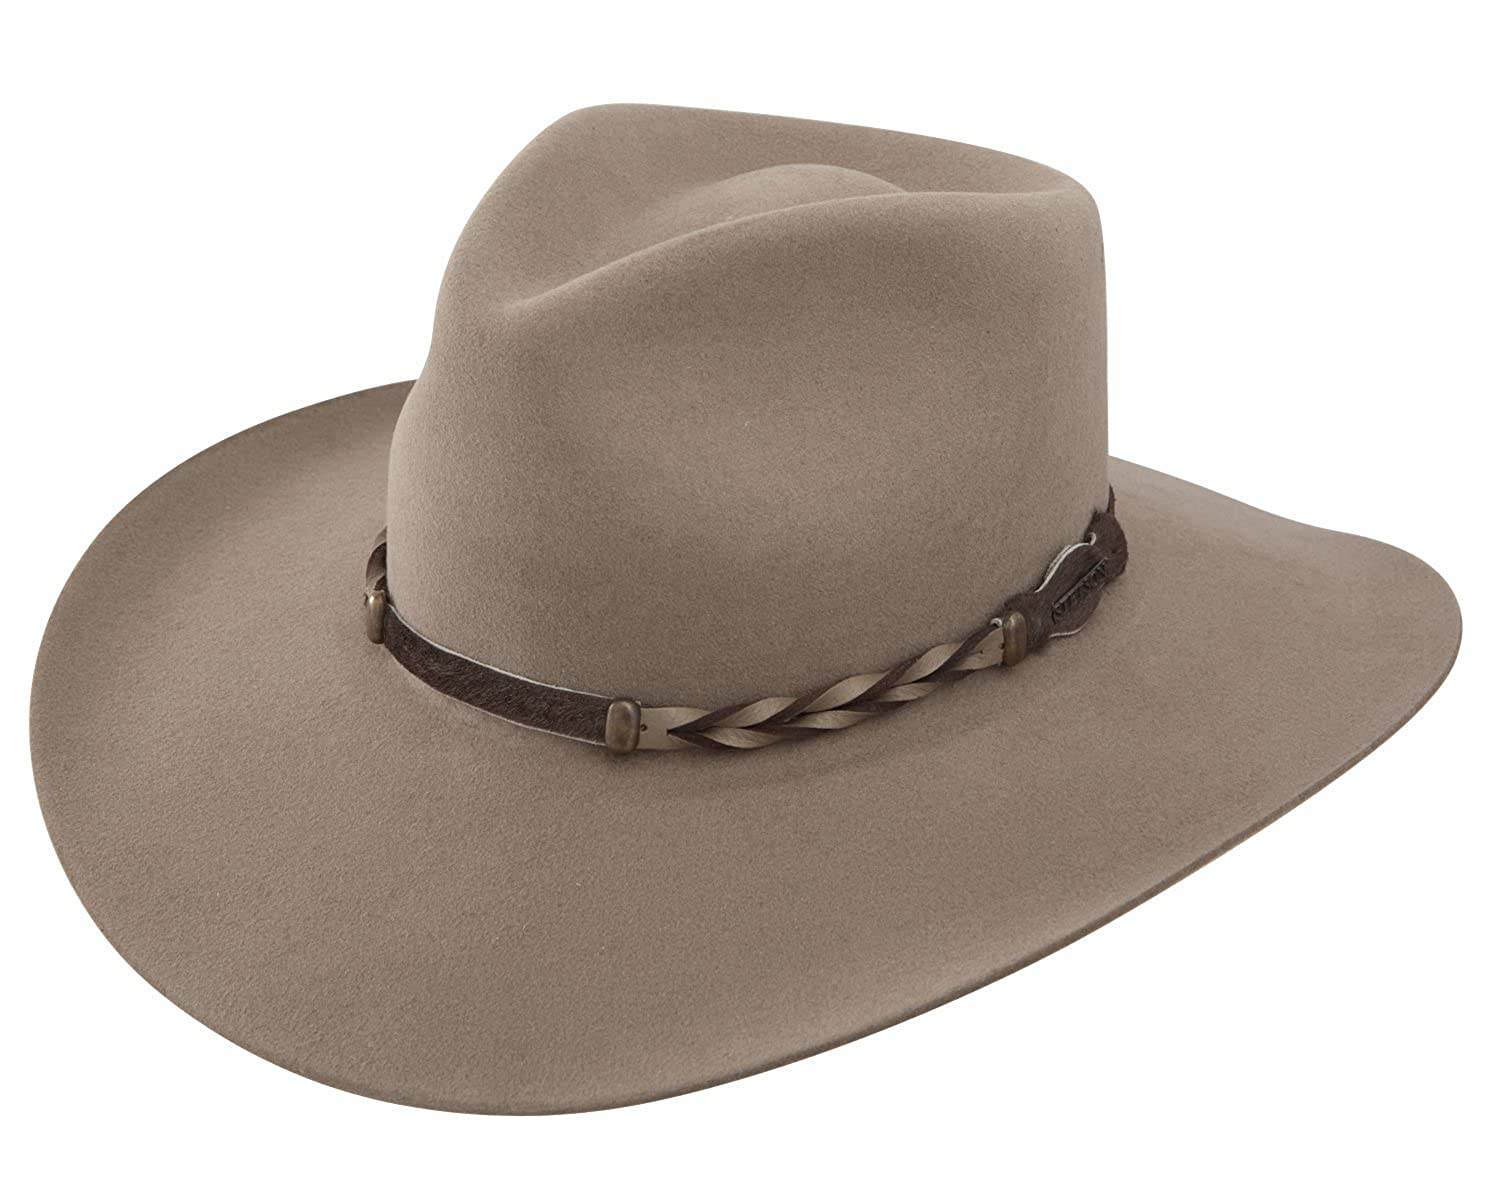 Stetson Men's 4X Drifter Buffalo Felt Pinch Front Cowboy Hat - Sbdftr-163420 Stone 096A50